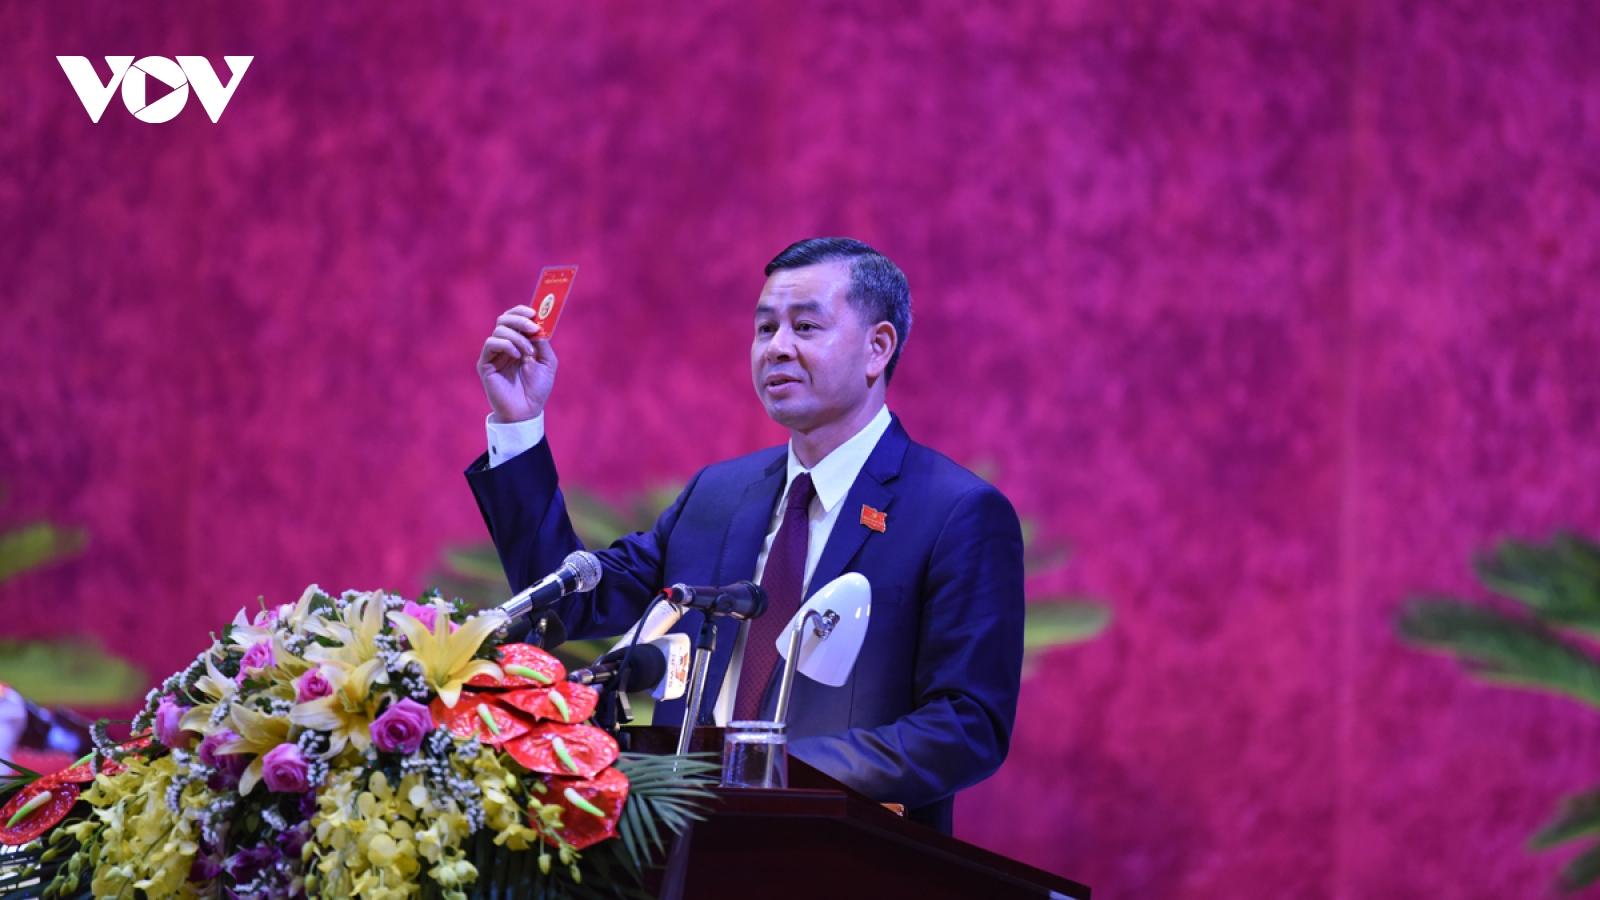 Ông Ngô Văn Tuấn được bầu giữ chức Bí thư Tỉnh ủy Hòa Bình khóa XVII